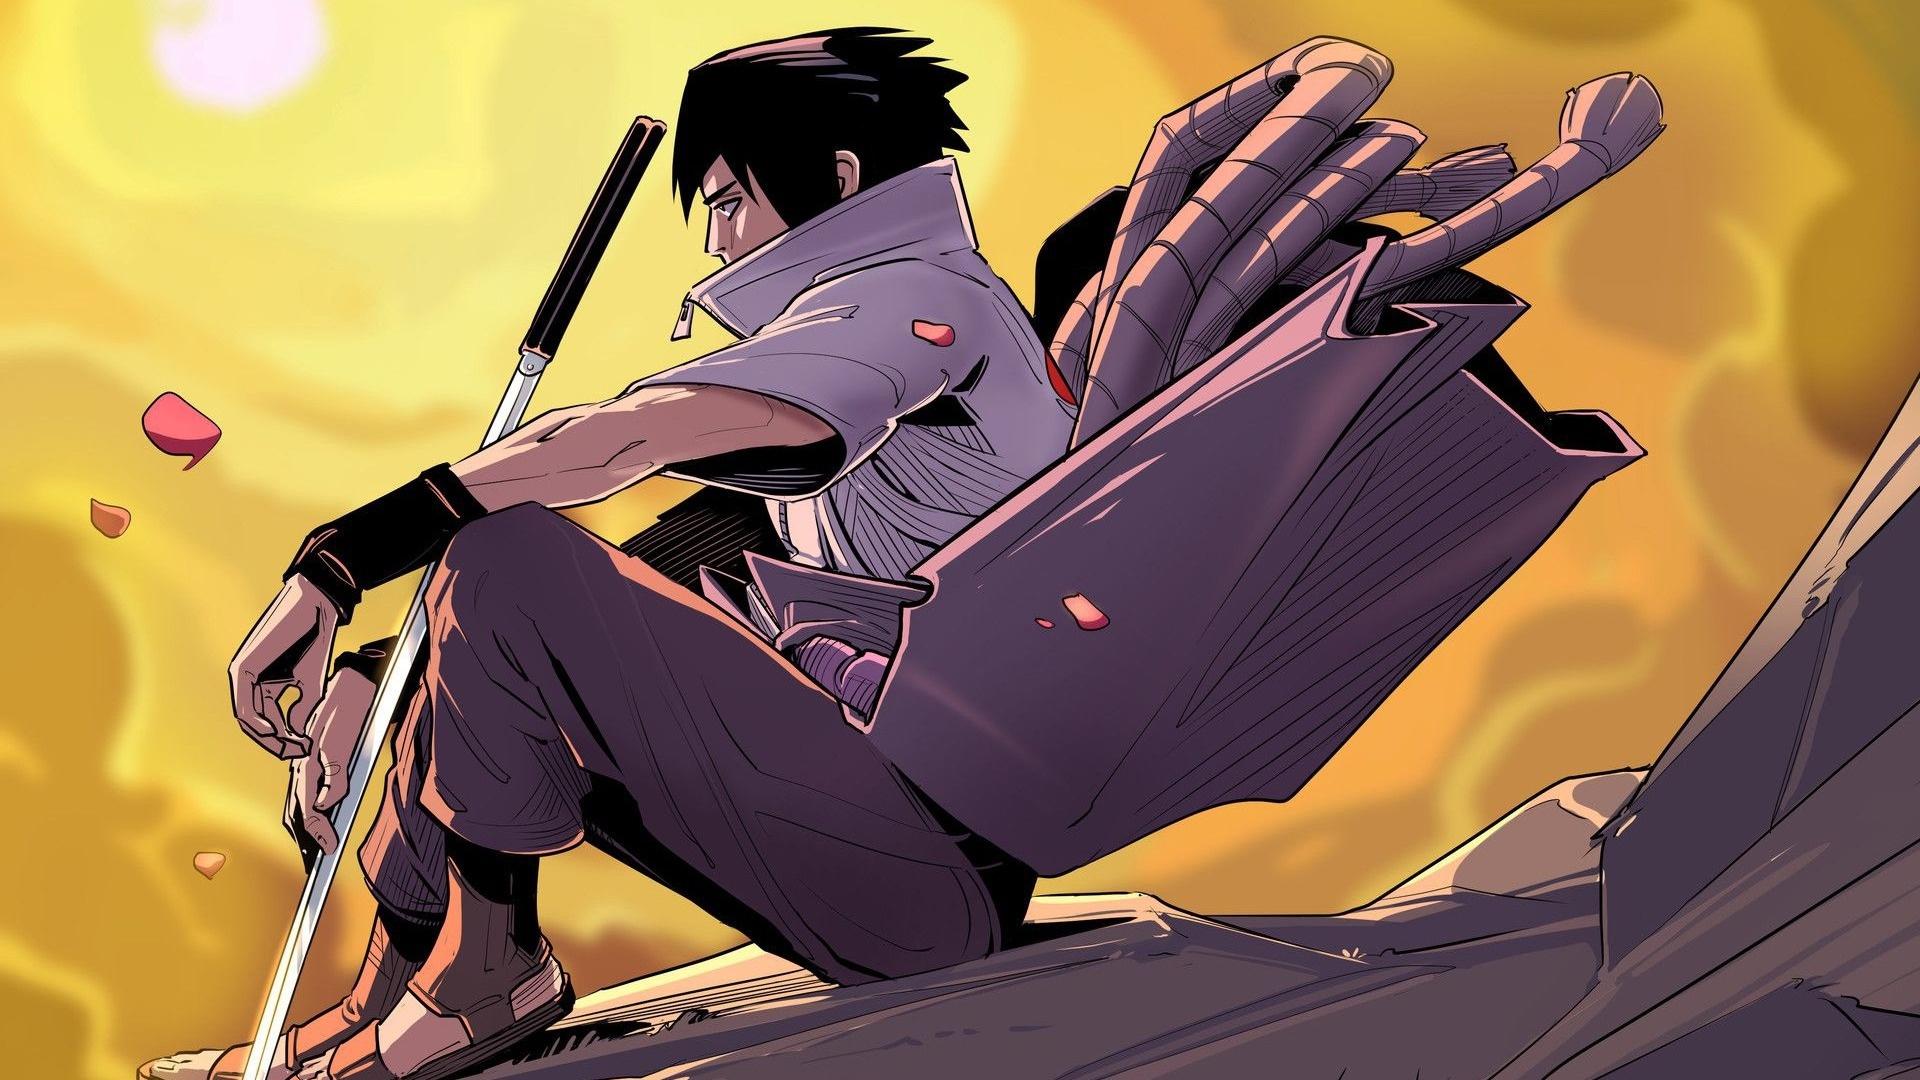 Sasuke free wallpaper